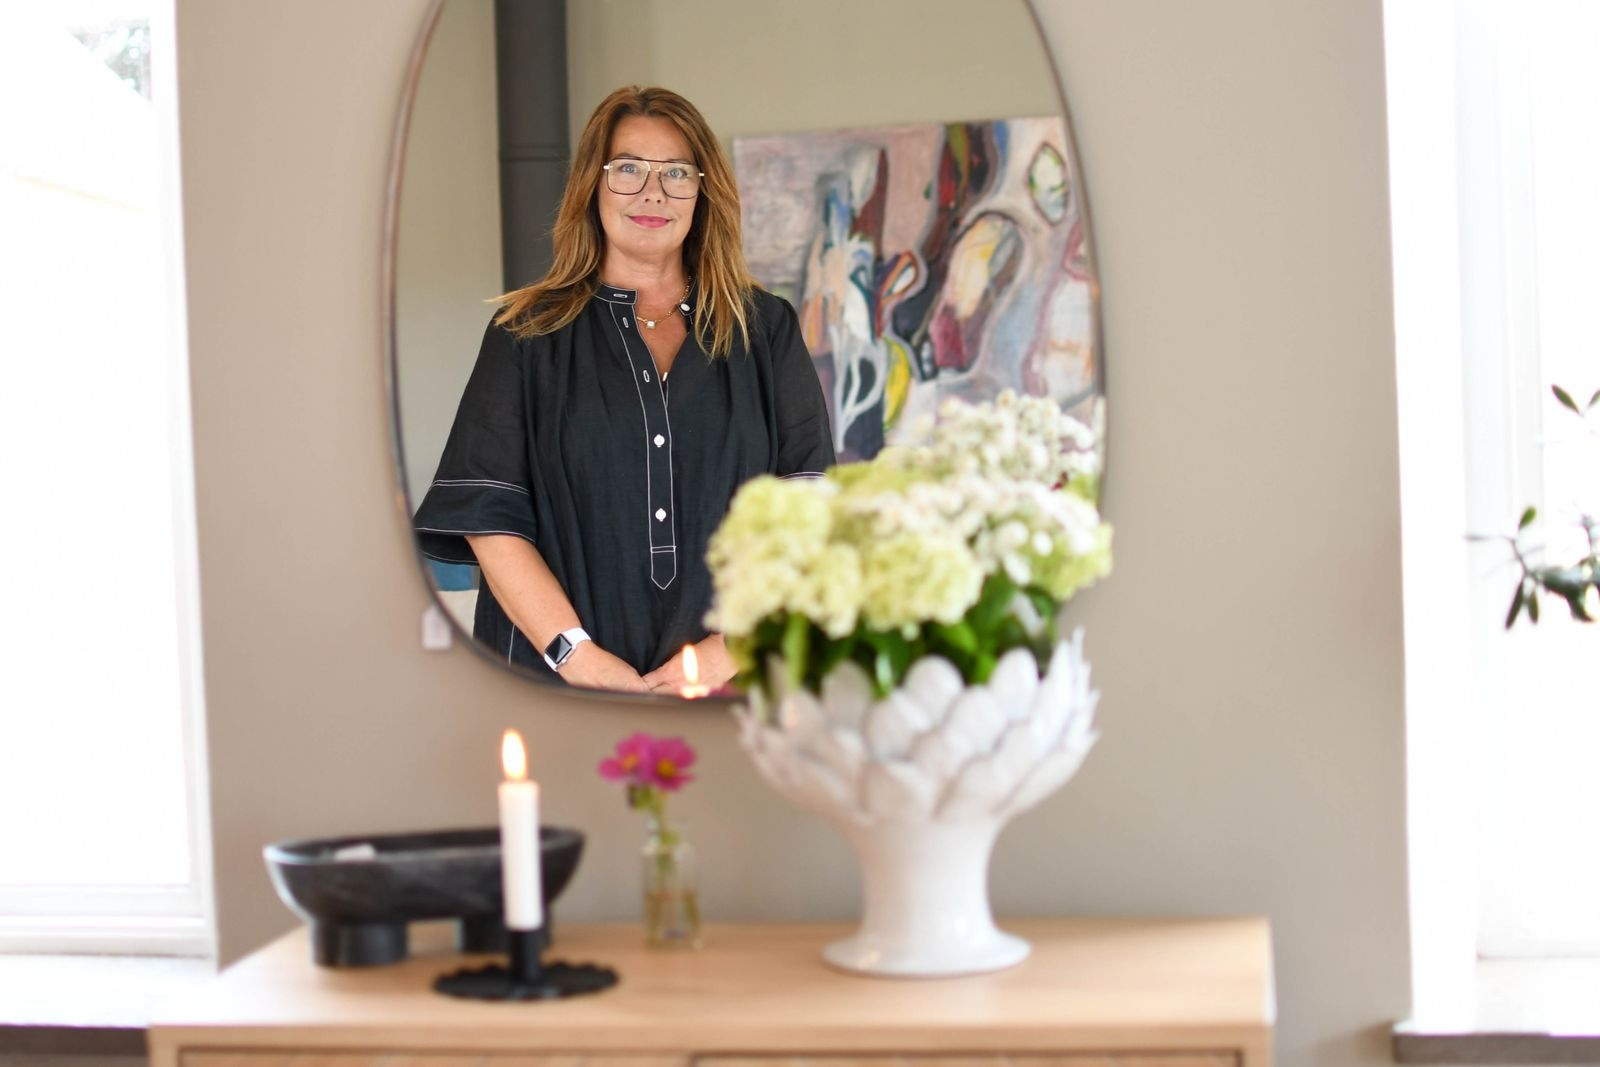 Genom CanCan säljer Anna-Karin Ahlstedt inte bara möbler och inredningsdetaljer, utan hjälper även till med inredningsuppdrag och möblering.